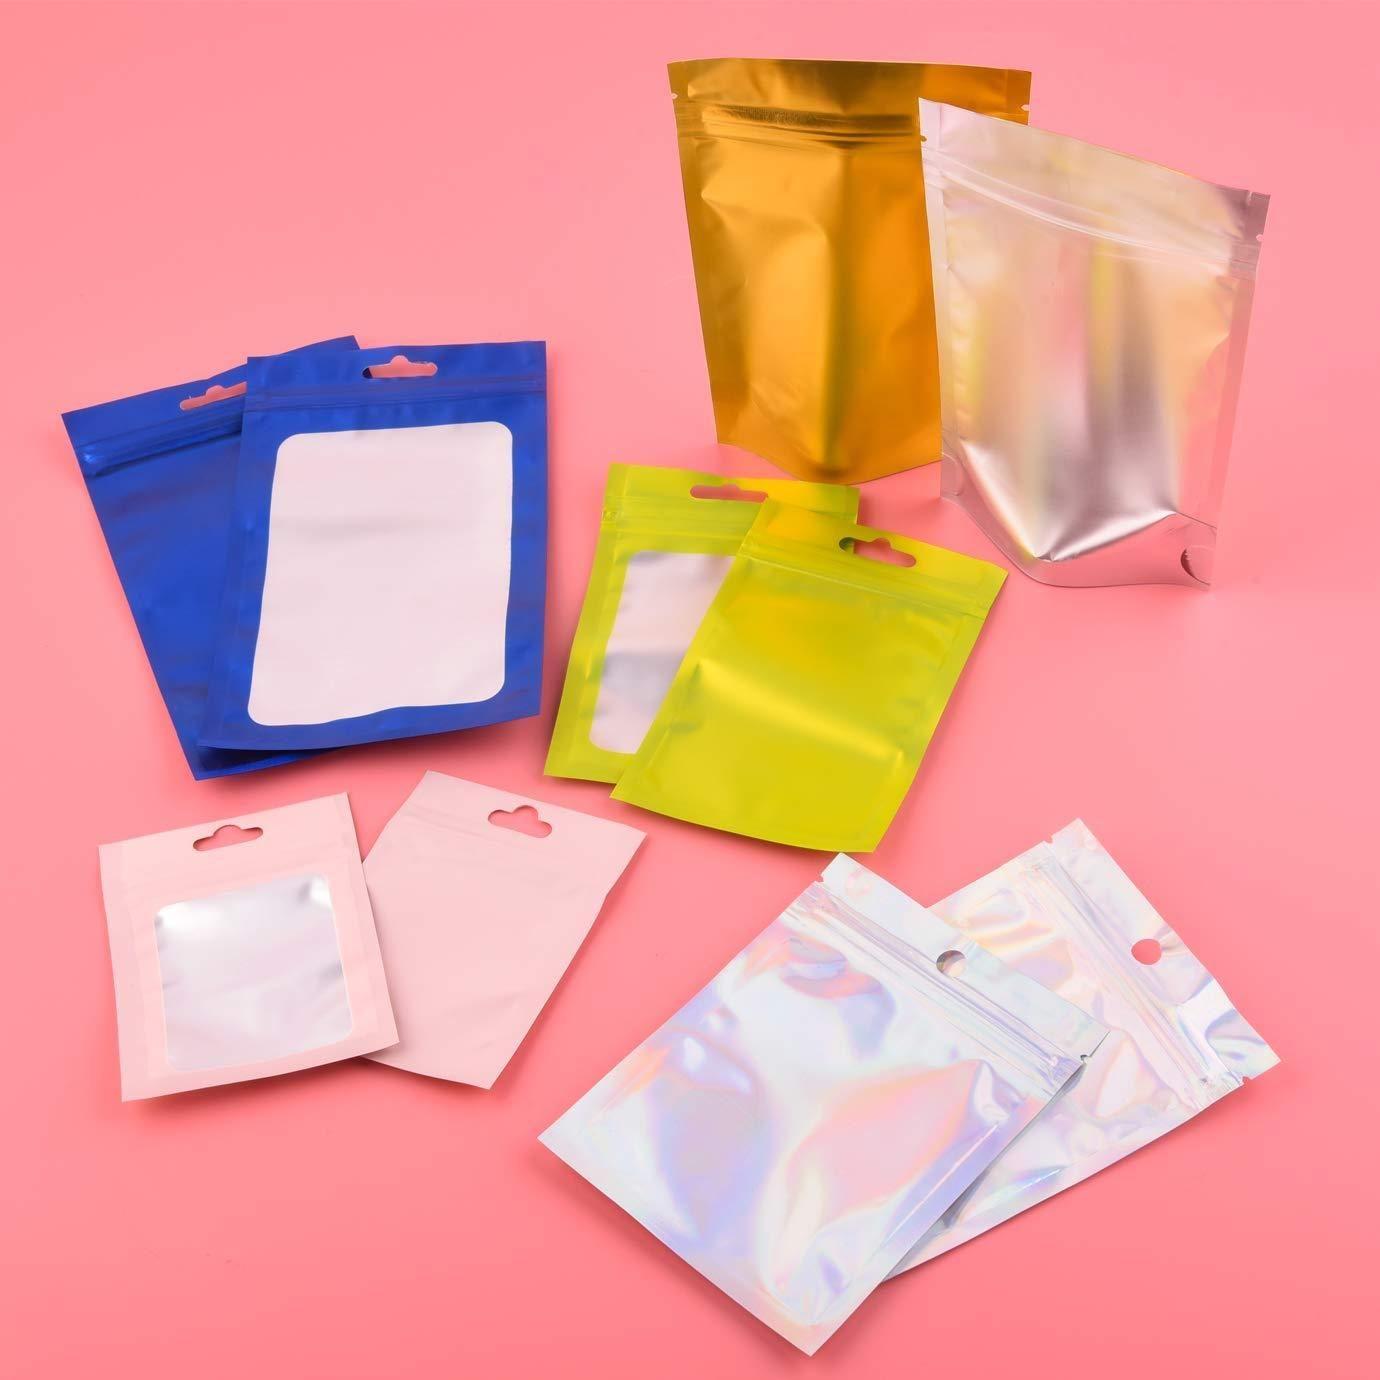 100 pz sacchetti di plastica Mylar foglio di Alluminio Sacchetto Della Chiusura lampo per conservazione degli alimenti a lungo termine e da collezione di protezione 8 colori